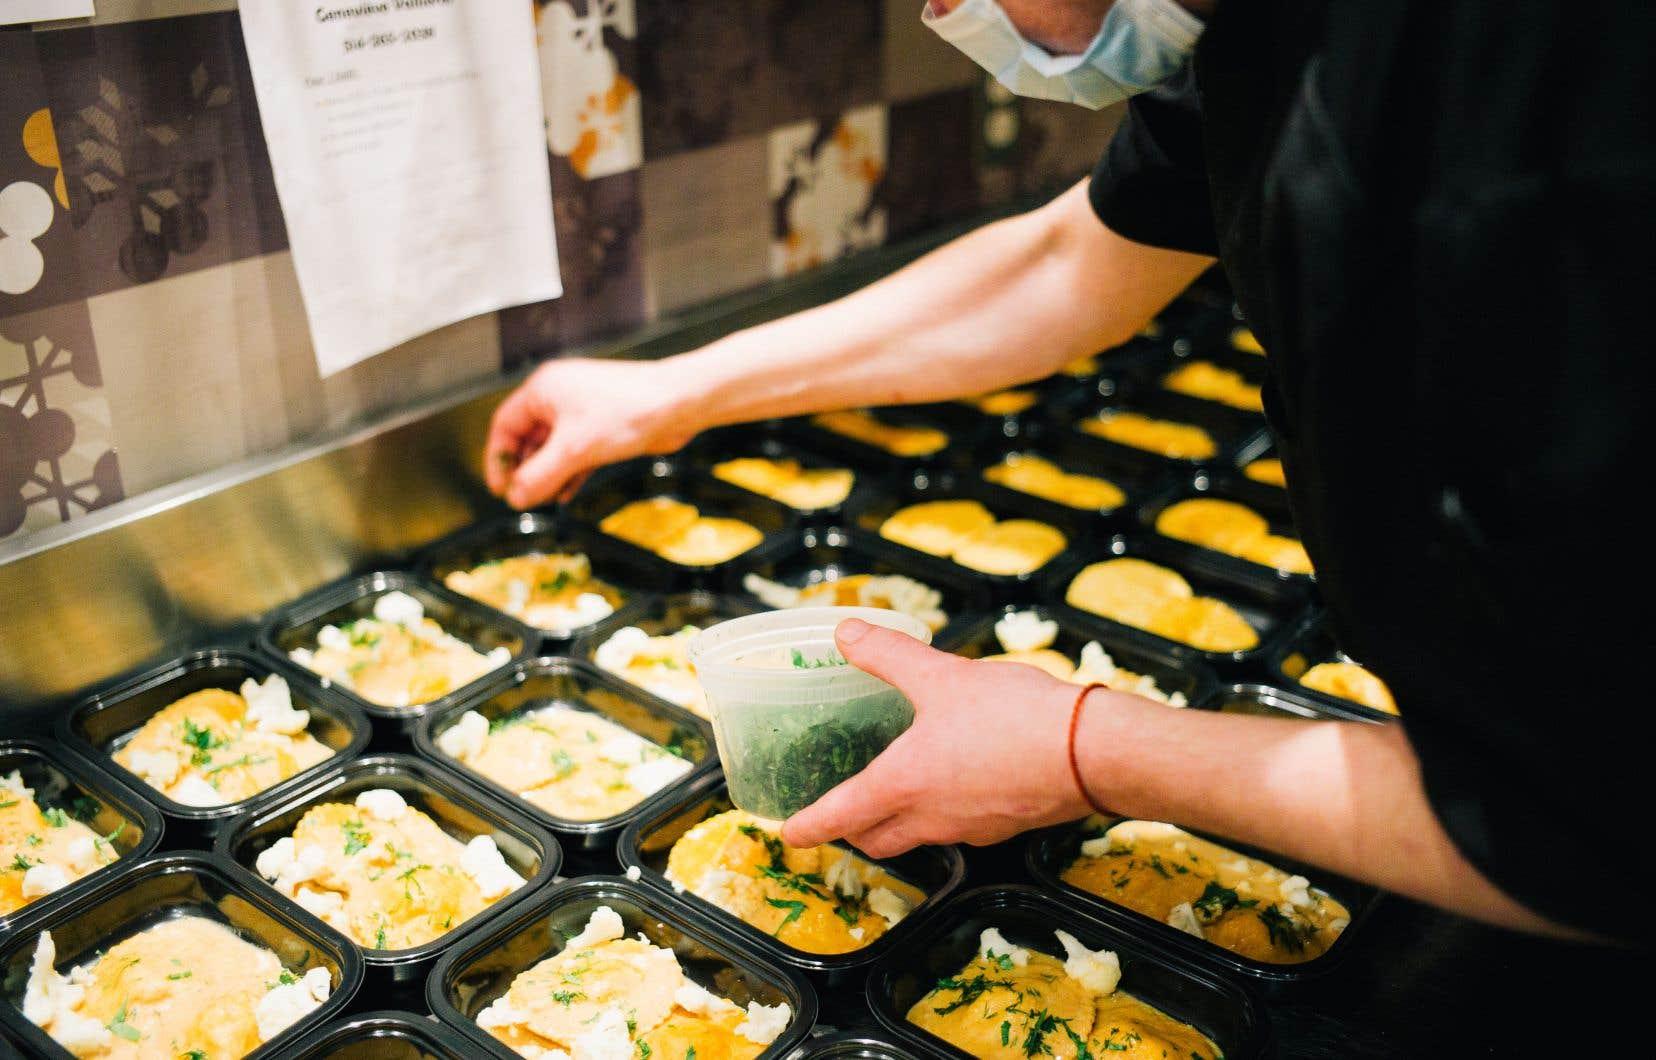 La pandémie a poussé les restaurants à faire de la vente à emporter. Une tendance qui va rester et même se développer aussi dans les épiceries.